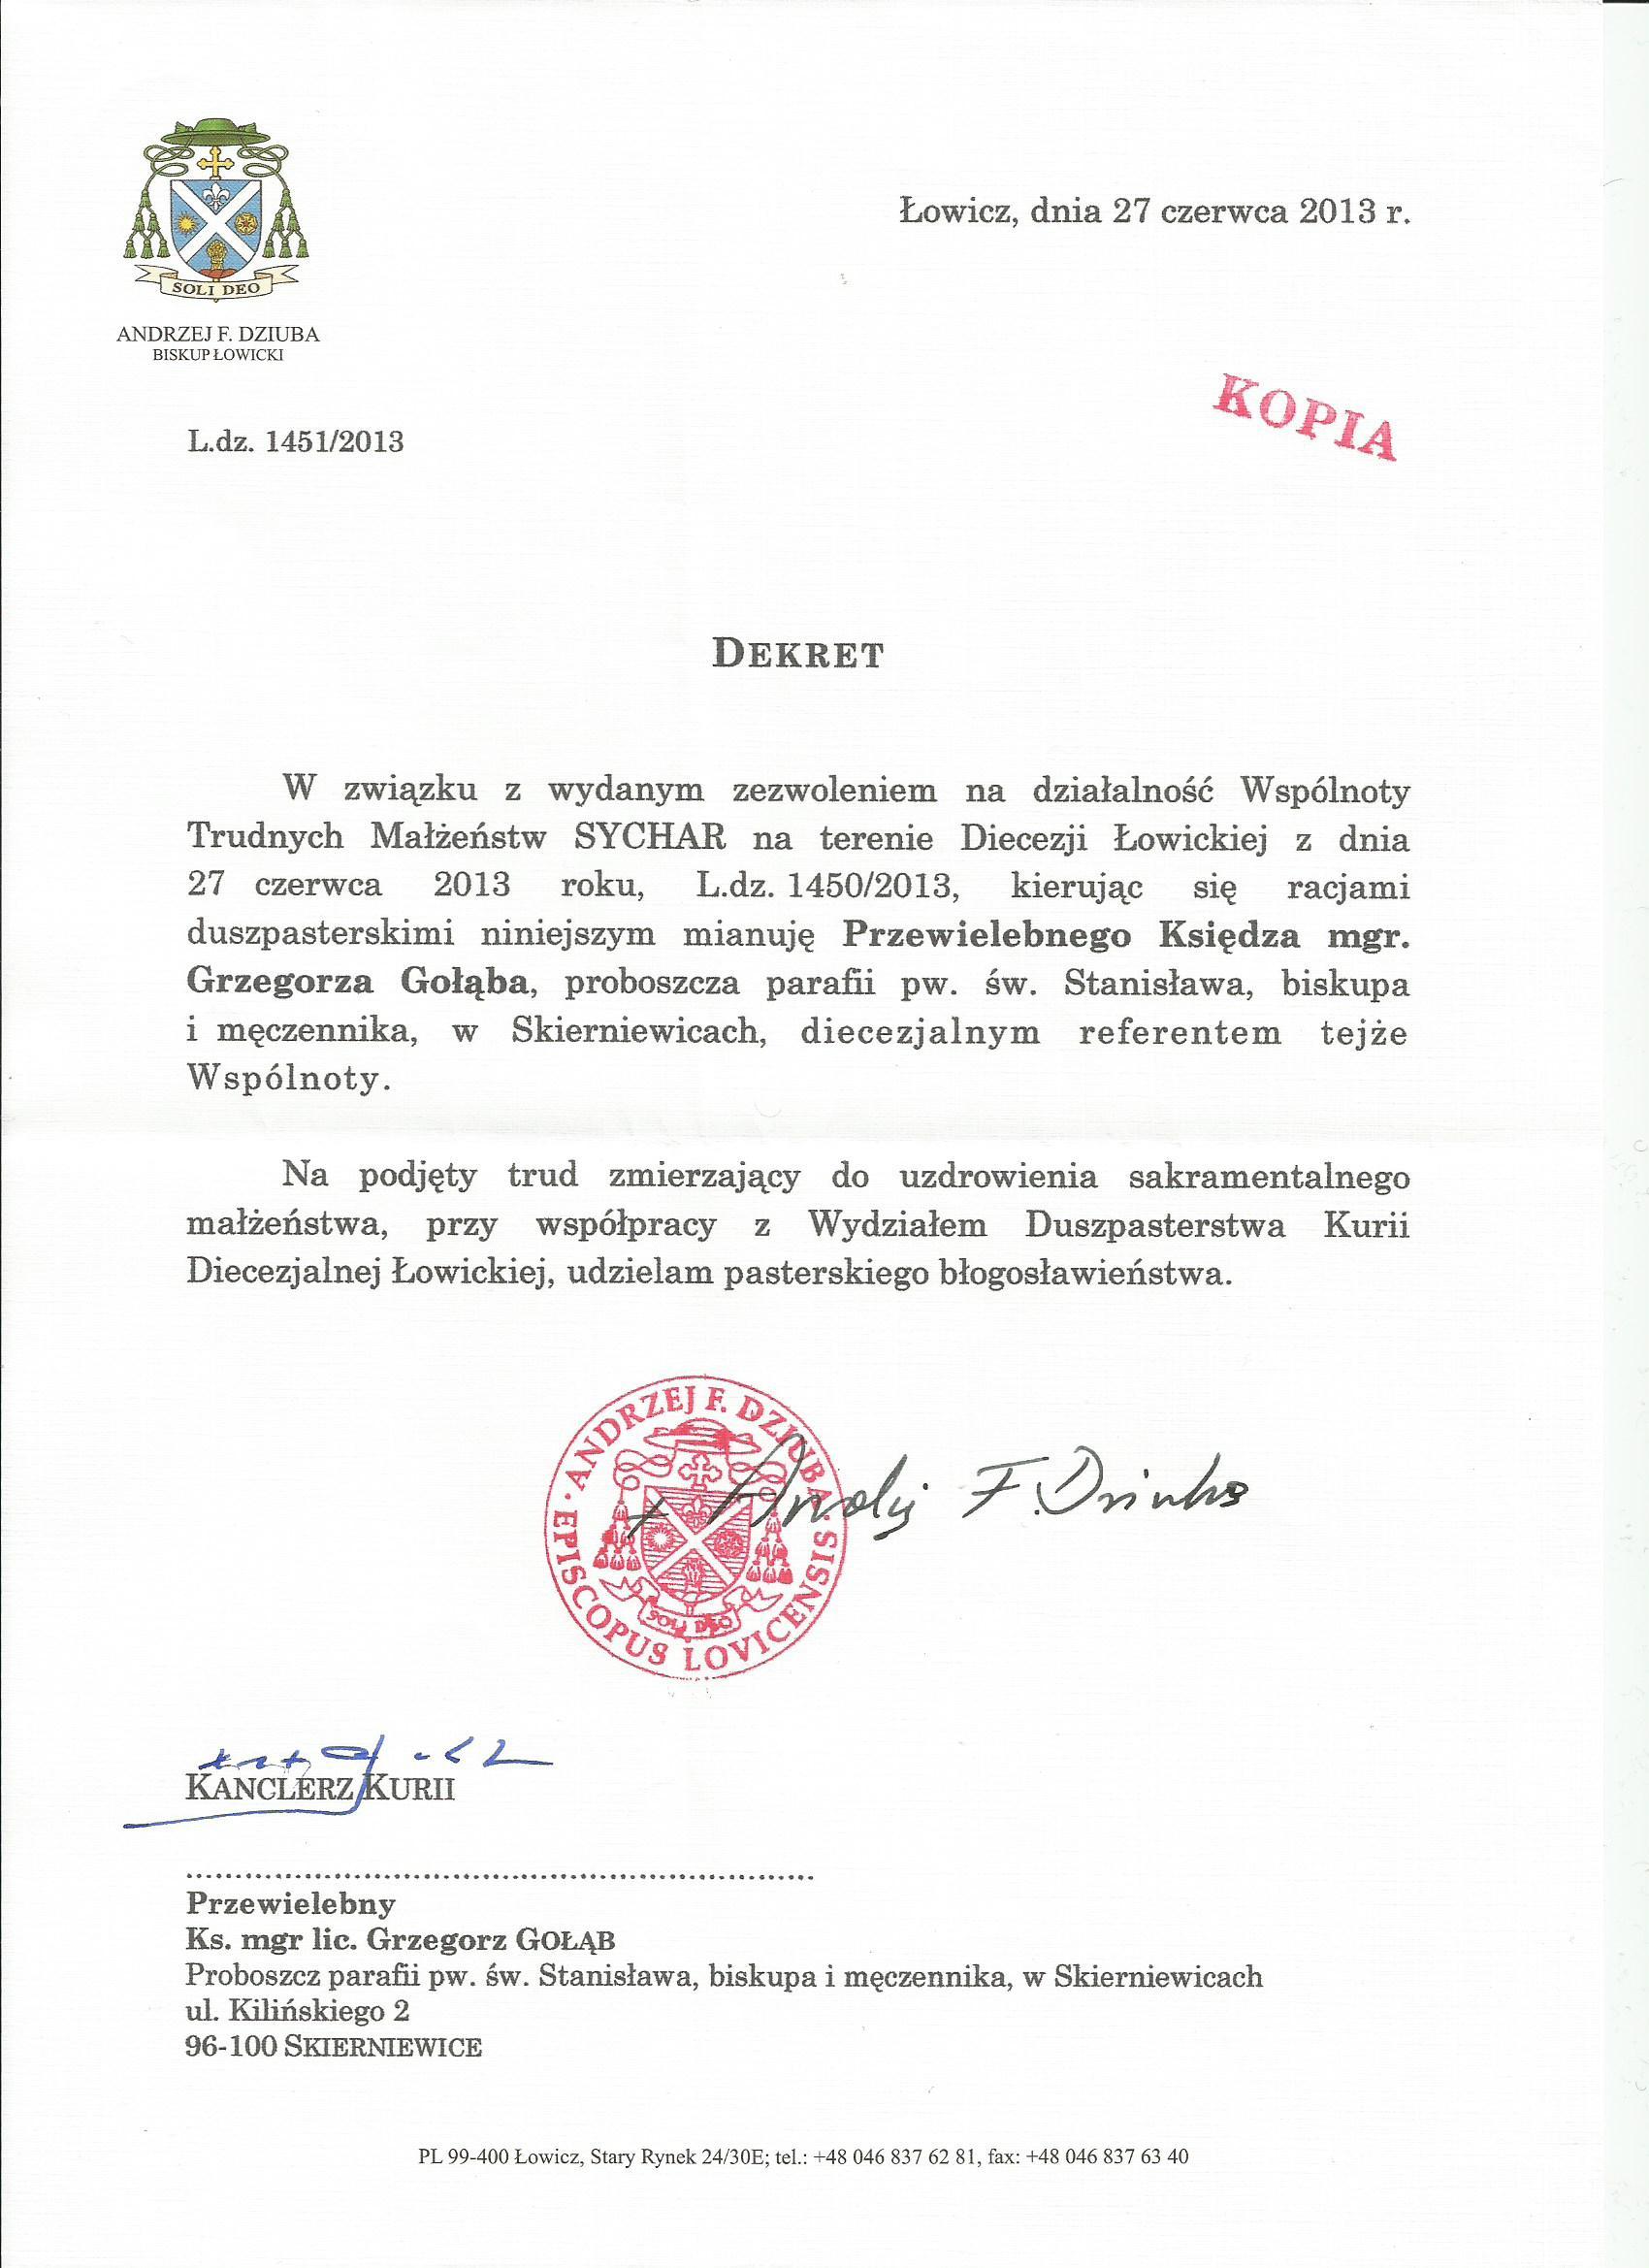 Bp-Andrzej-Dziuba-2013.06.13